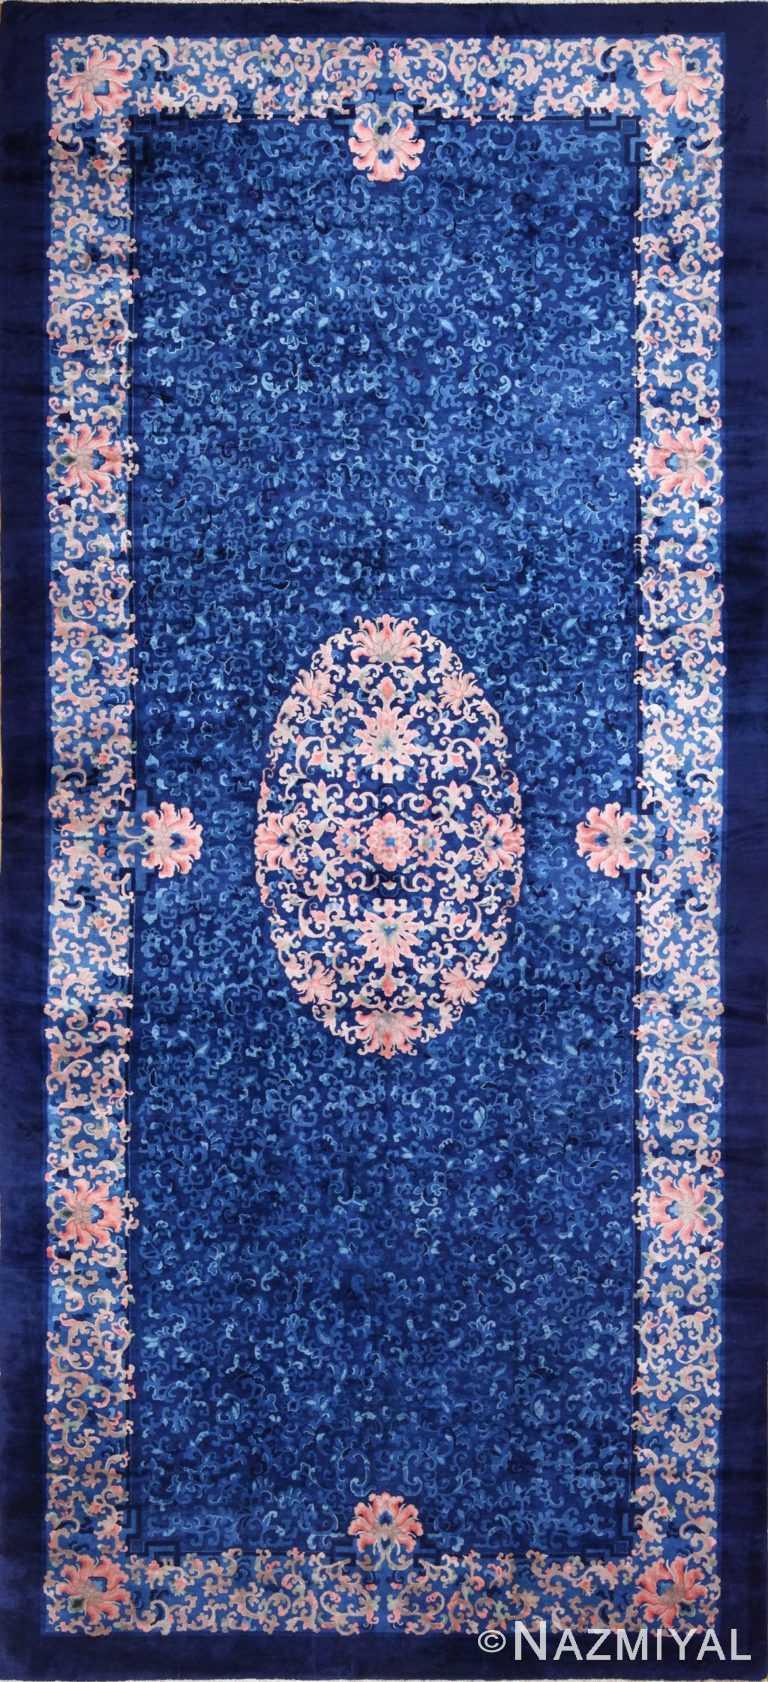 antique blue background chinese rug 49240 Nazmiyal